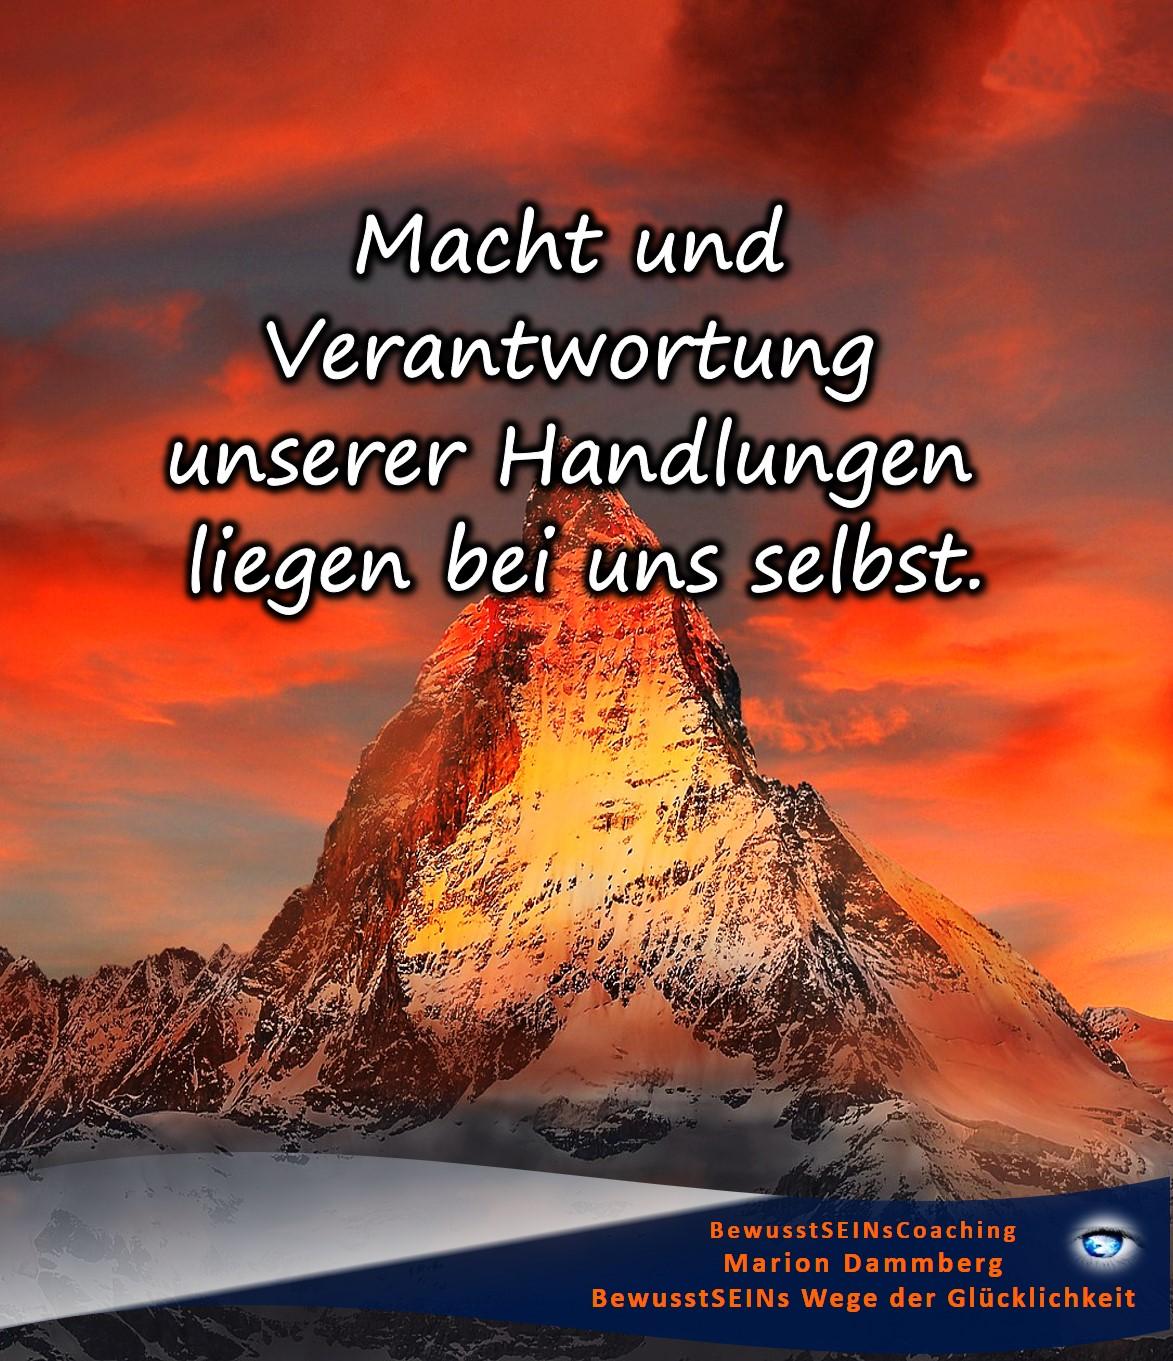 Macht und Verantwortung unserer Handlungen liegen bei uns selbst - BewusstSEINs Wege der Glücklichkeit, Marion Dammberg, BewusstSEINsCoaching Life Coach